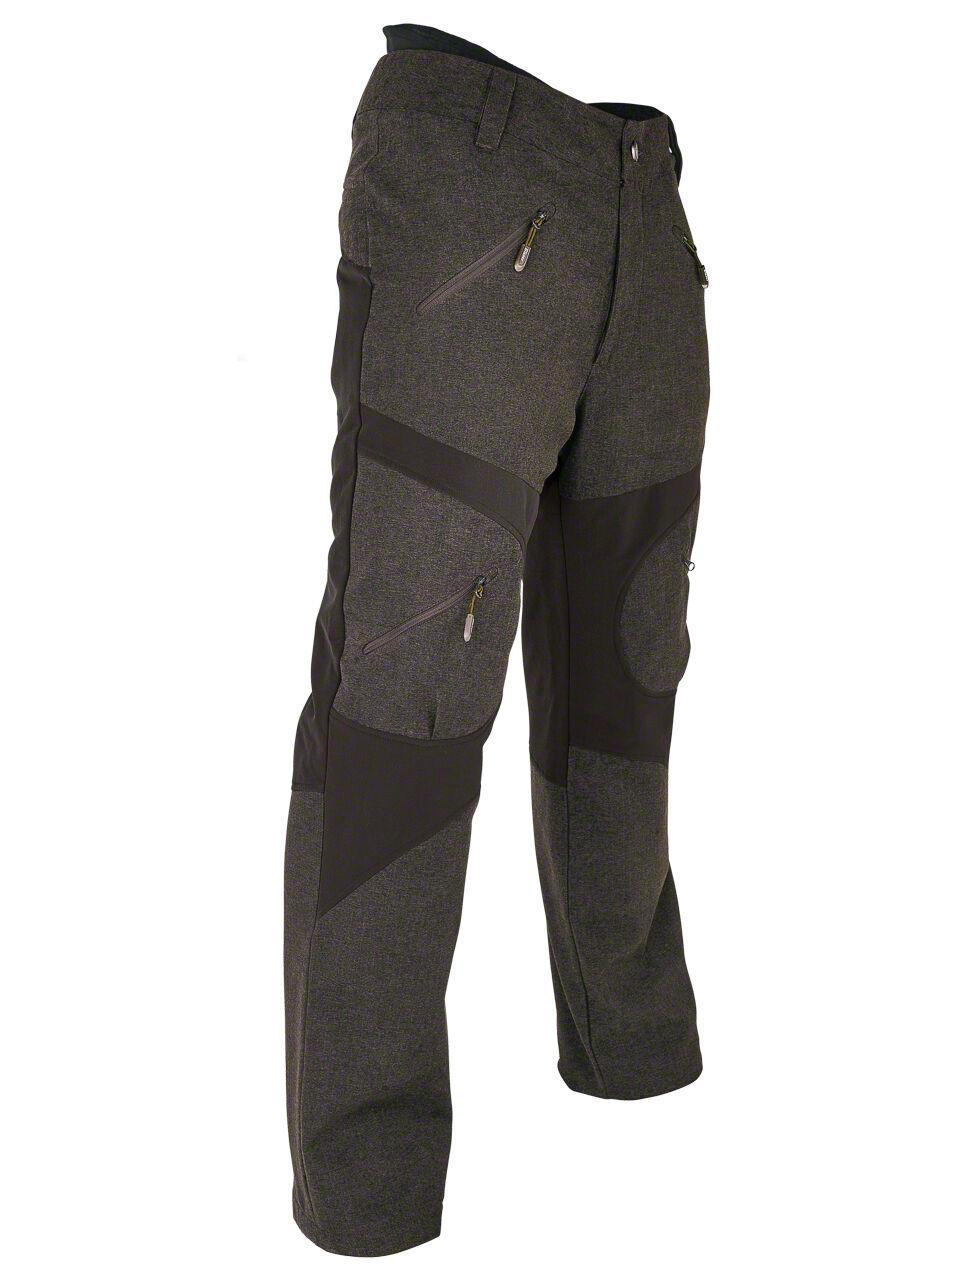 Blaser Winter Trousers Paul - Brown Melange - 116088-027- Waterproof - Primaloft